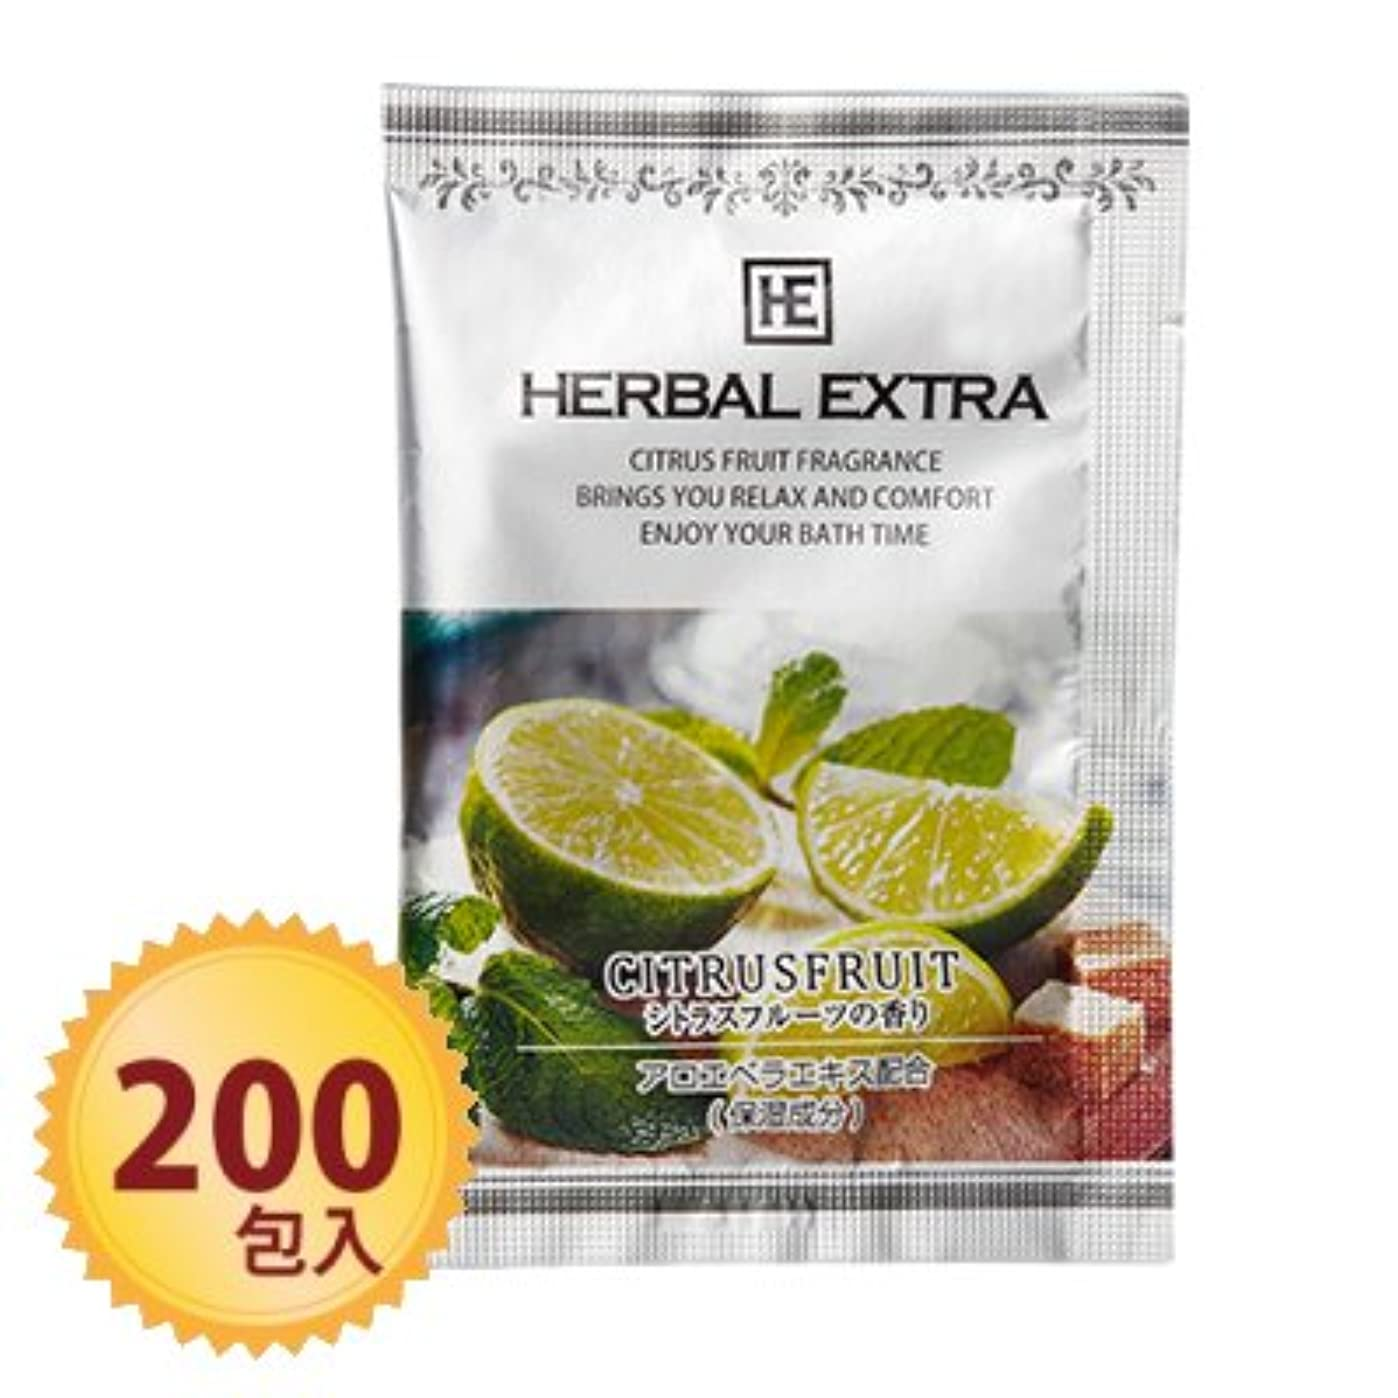 朝独立したドライバハーバルエクストラBS シトラスフルーツの香り 20g×200個